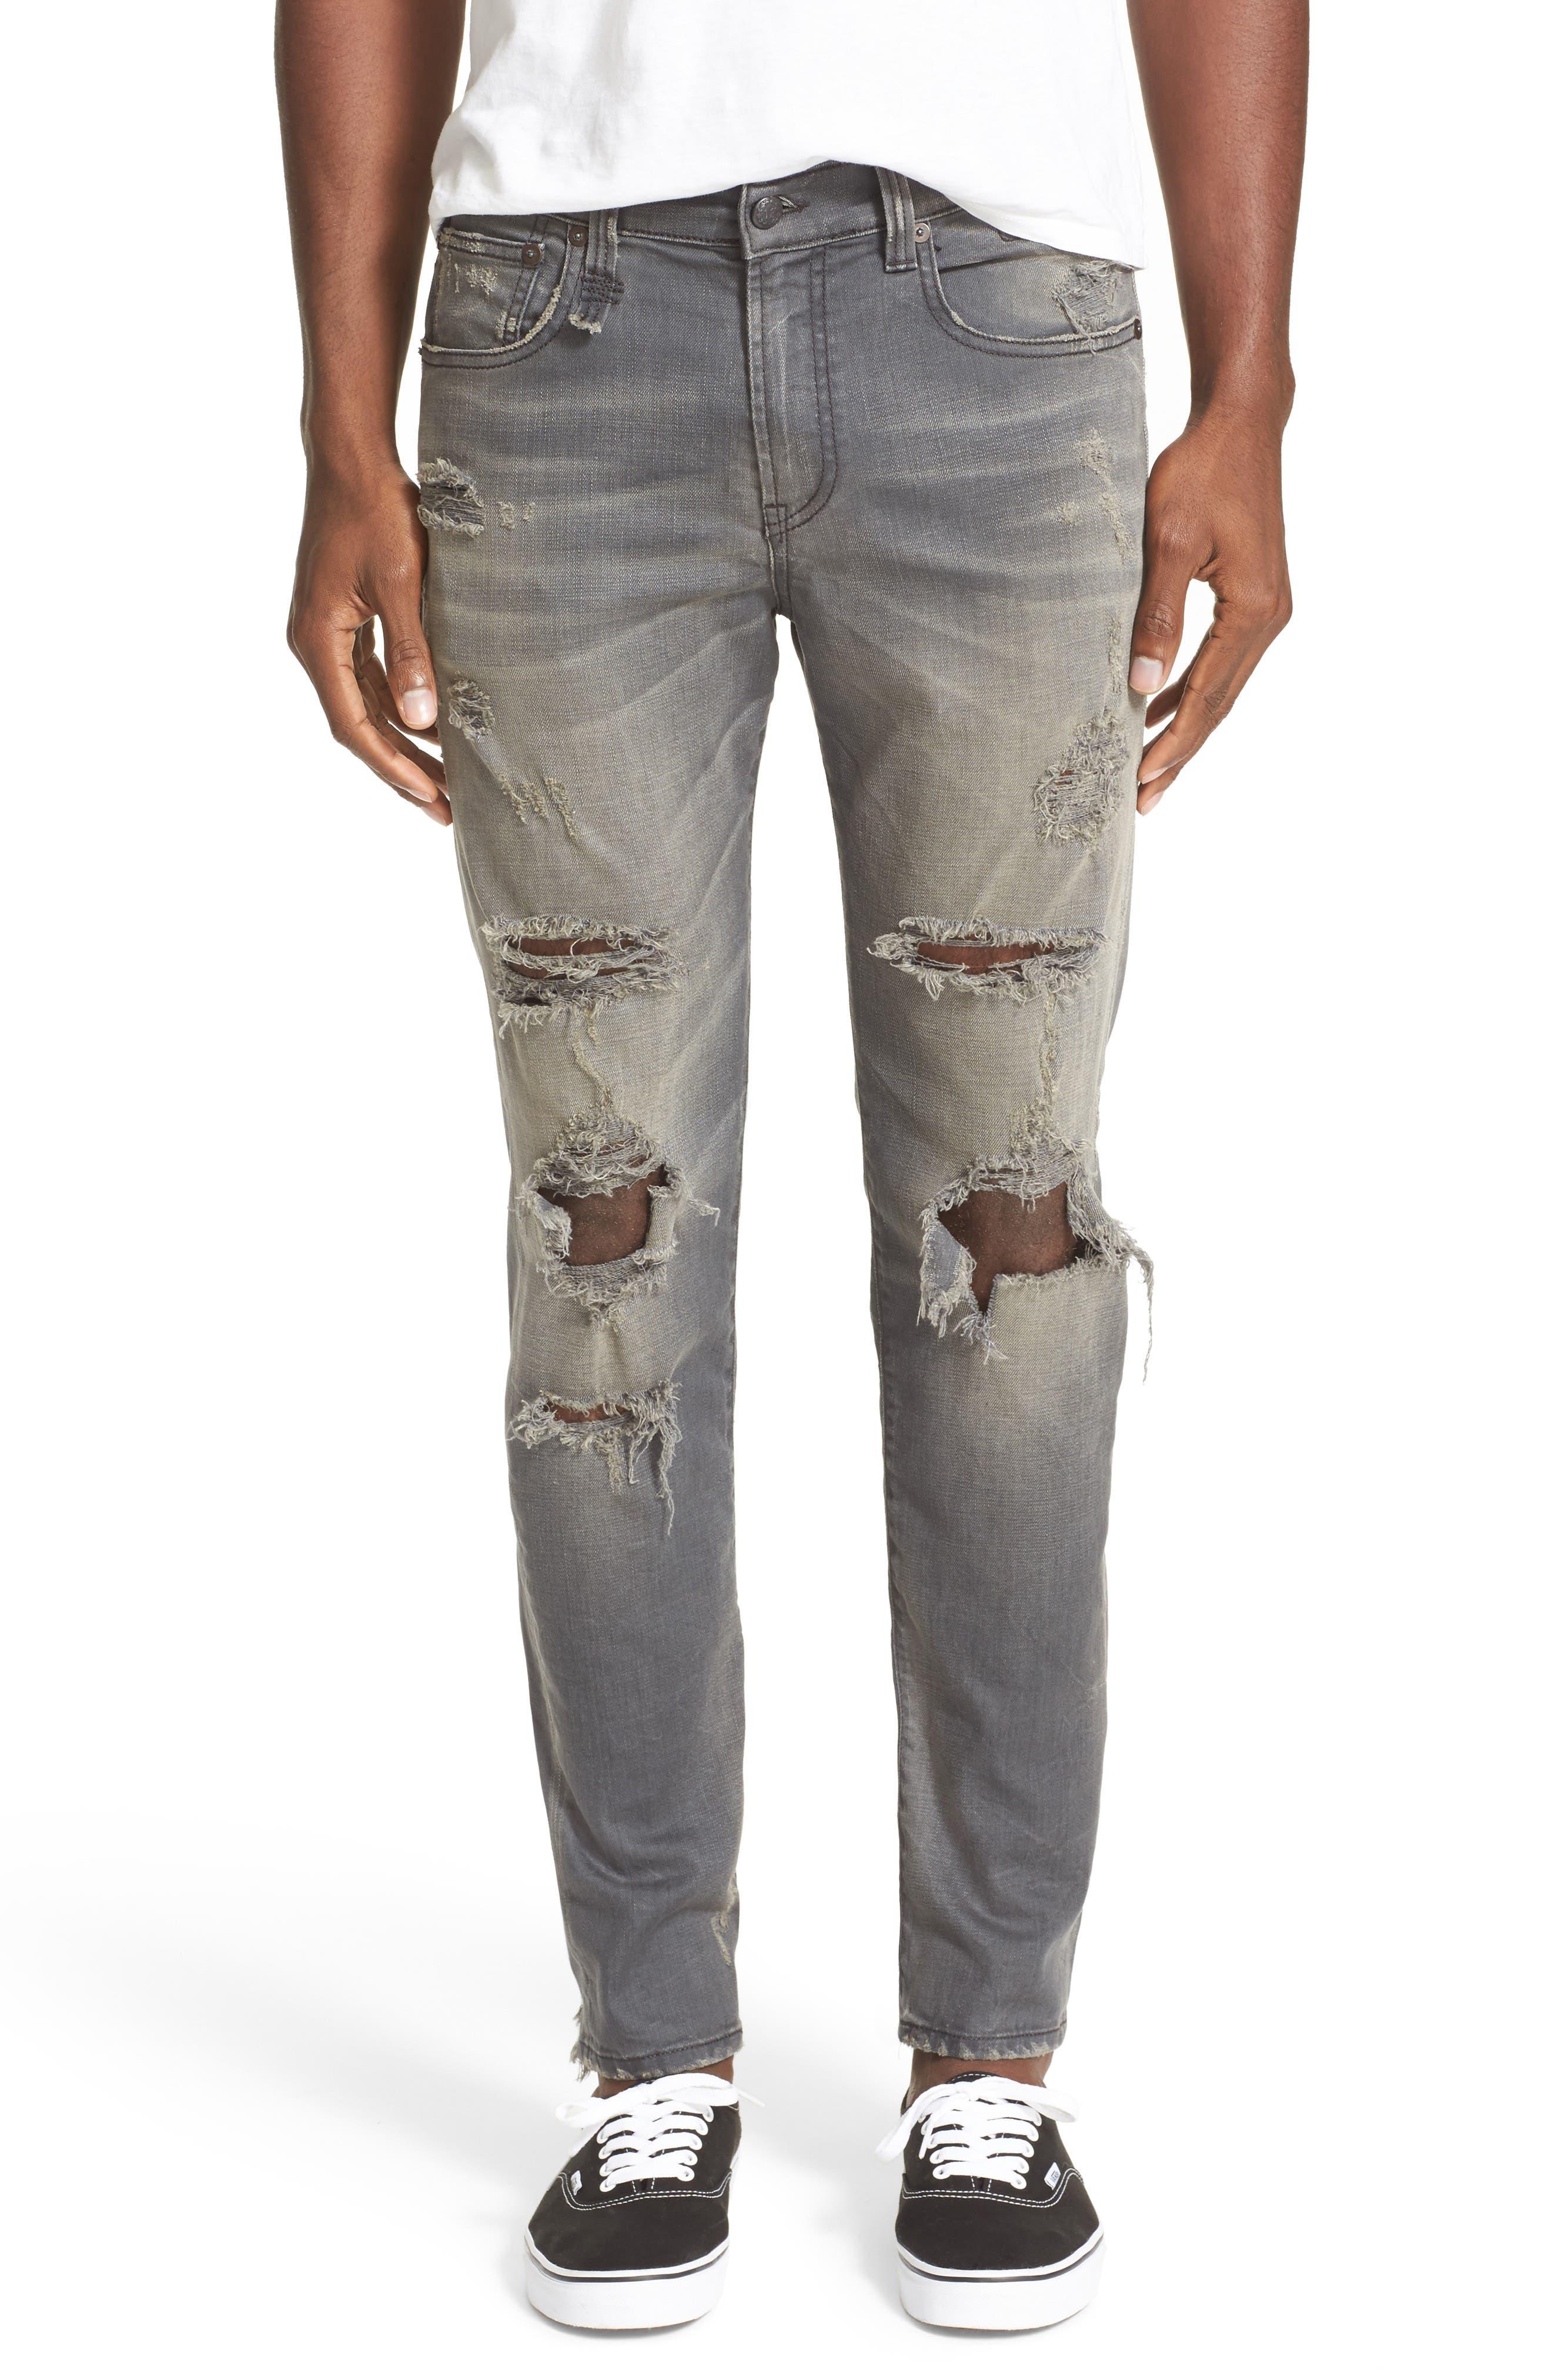 Alternate Image 1 Selected - R13 Skate Shredded Skinny Jeans